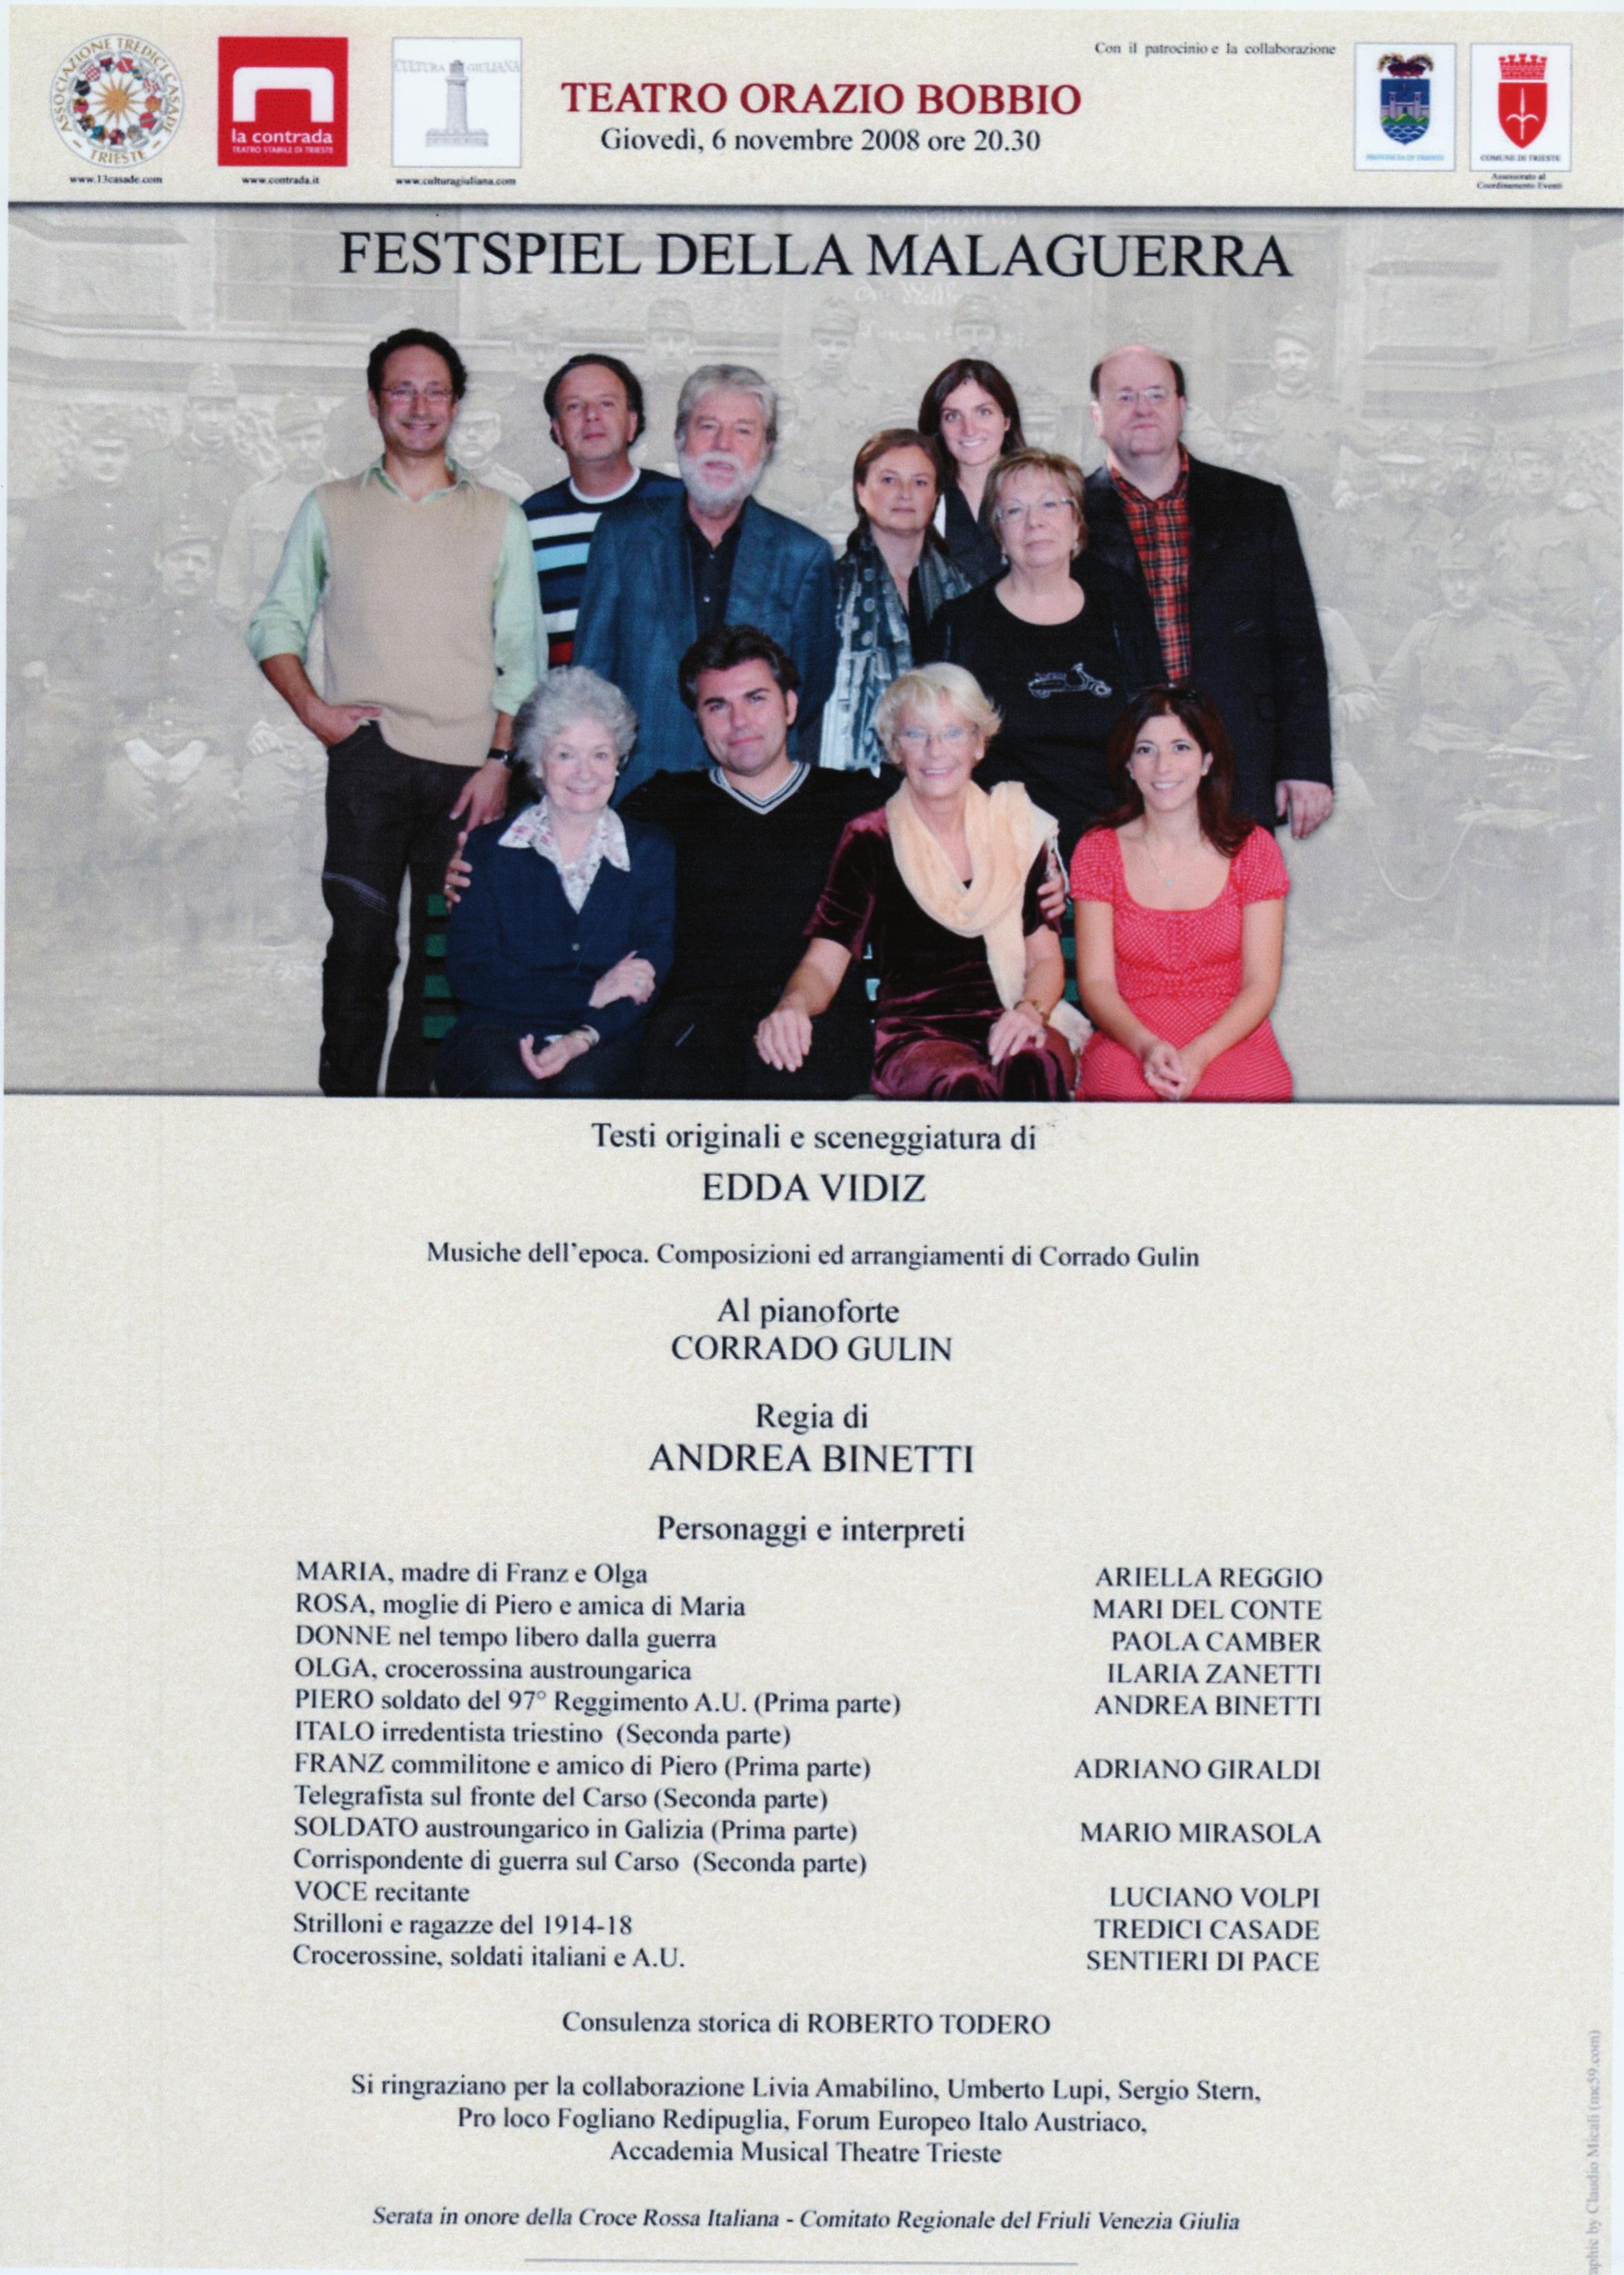 Festspiel della Malaguerra